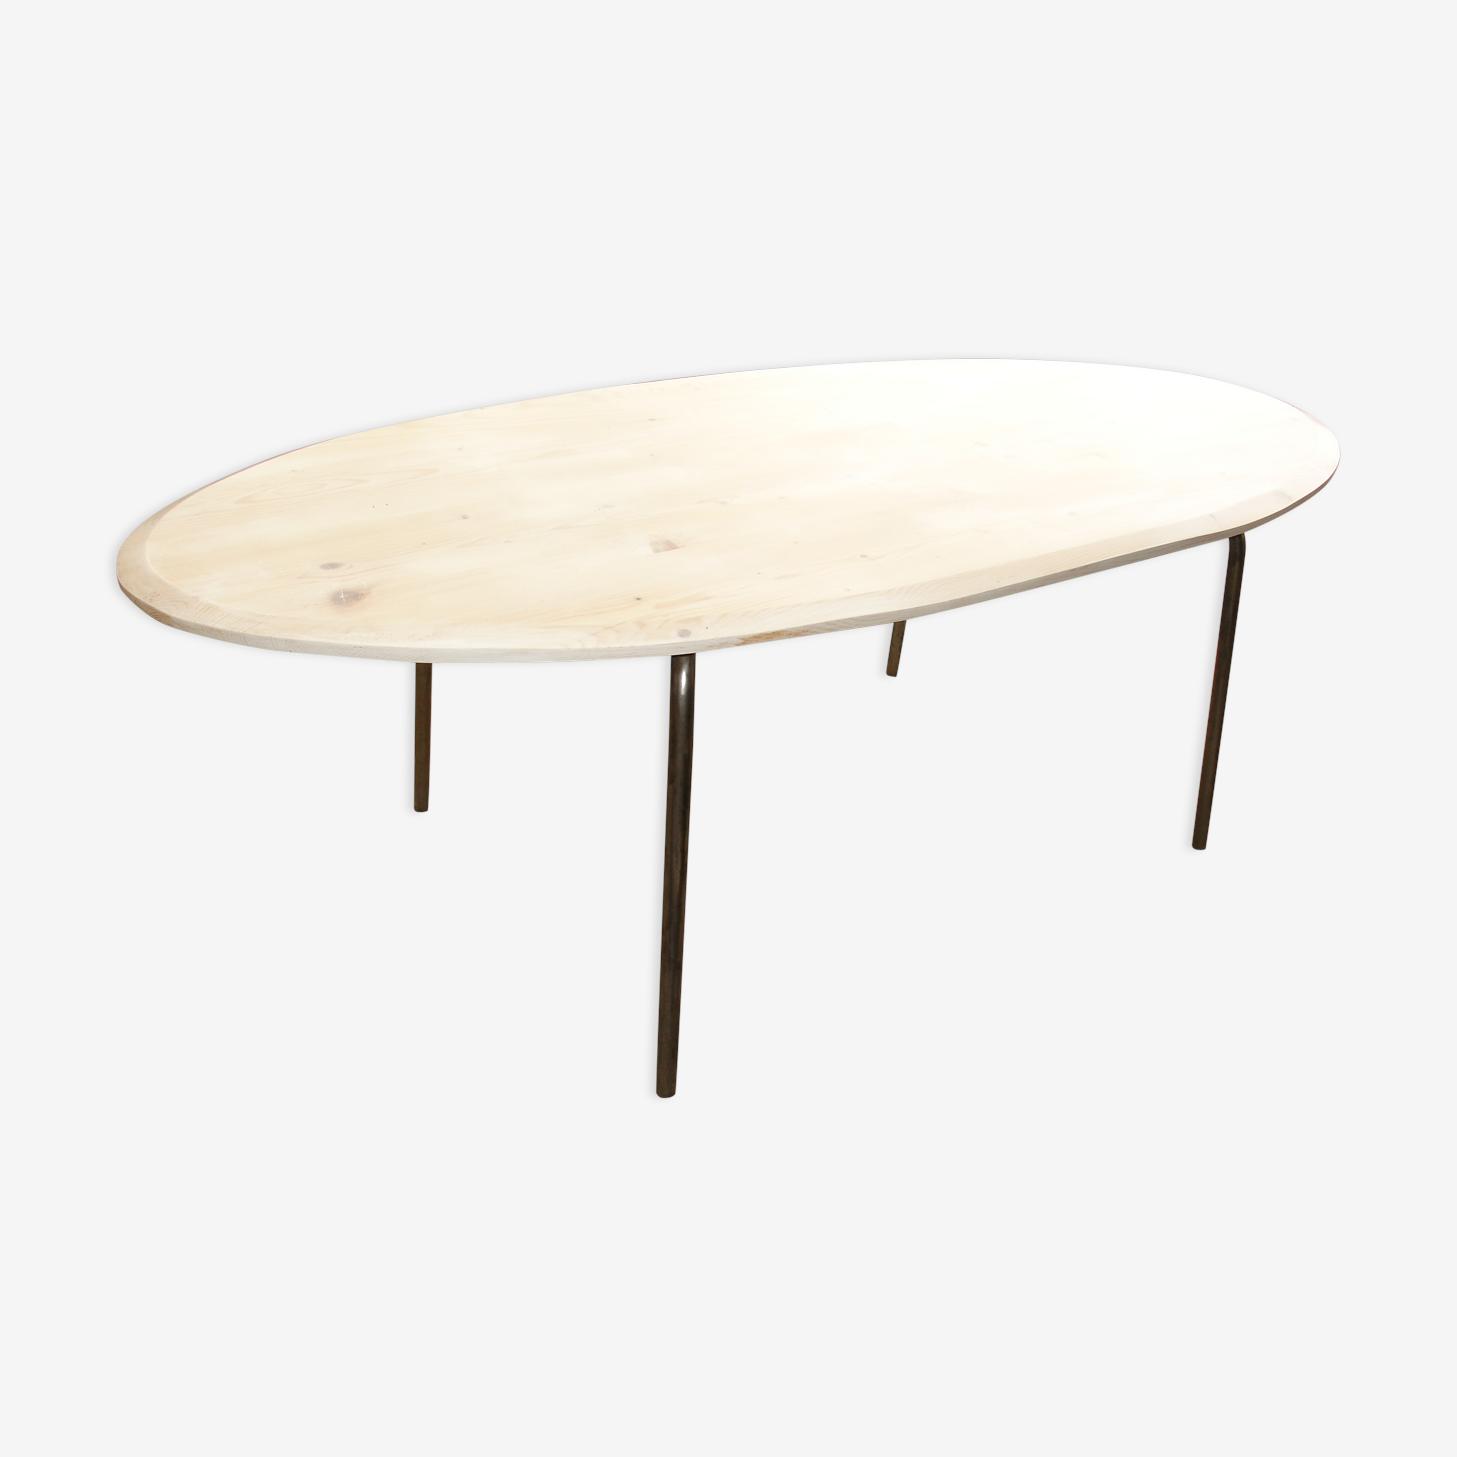 Table de salle à manger en bois et acier années 70